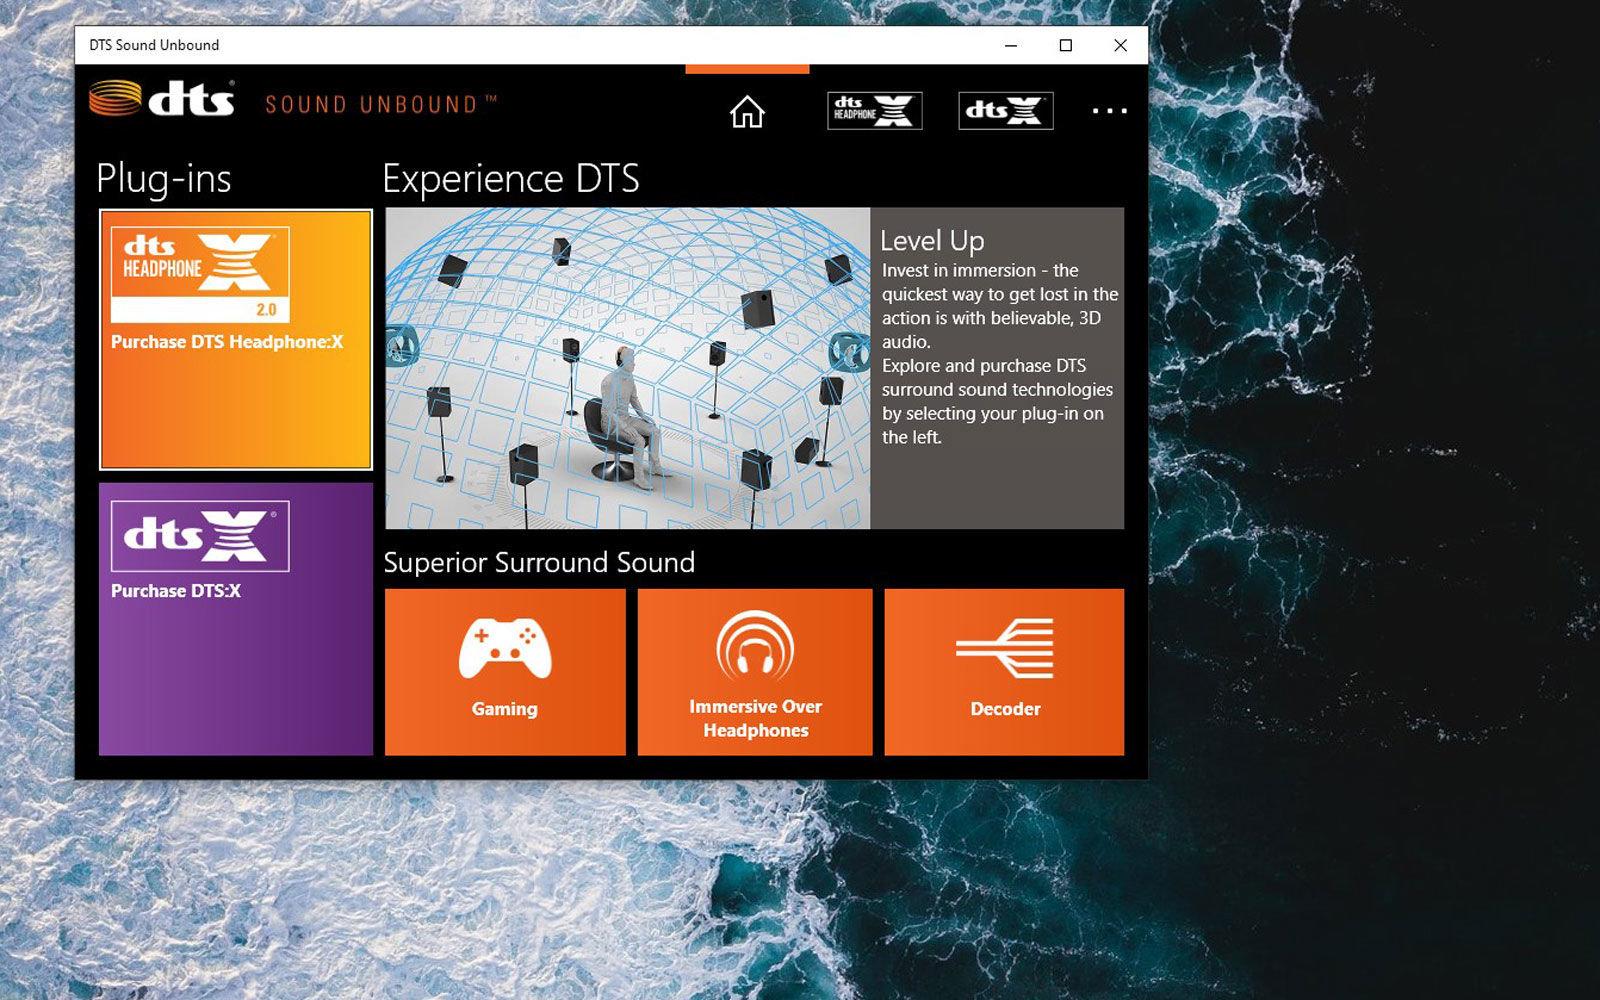 DTS Sound Unbound: Biến tai nghe thường thành siêu tai nghe surround chơi  game - GVN360